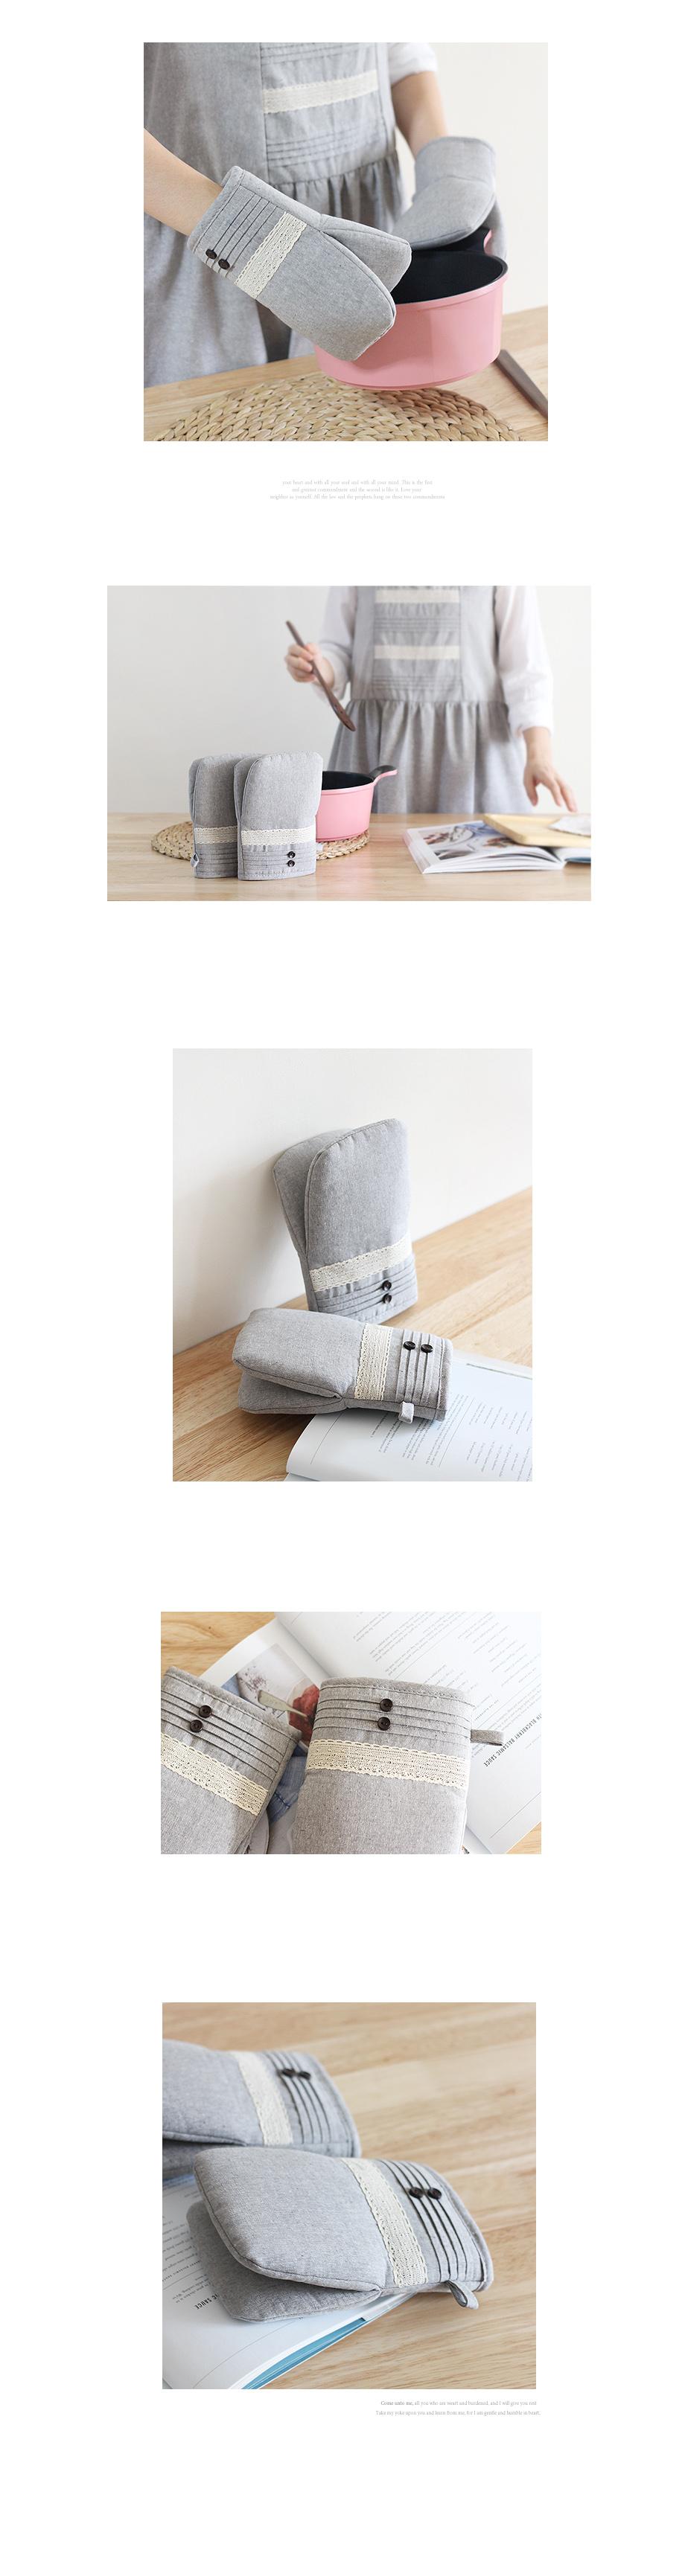 버튼핀턱 주방장갑(2개한세트) - 체리하우스, 14,000원, 주방장갑, 주방장갑